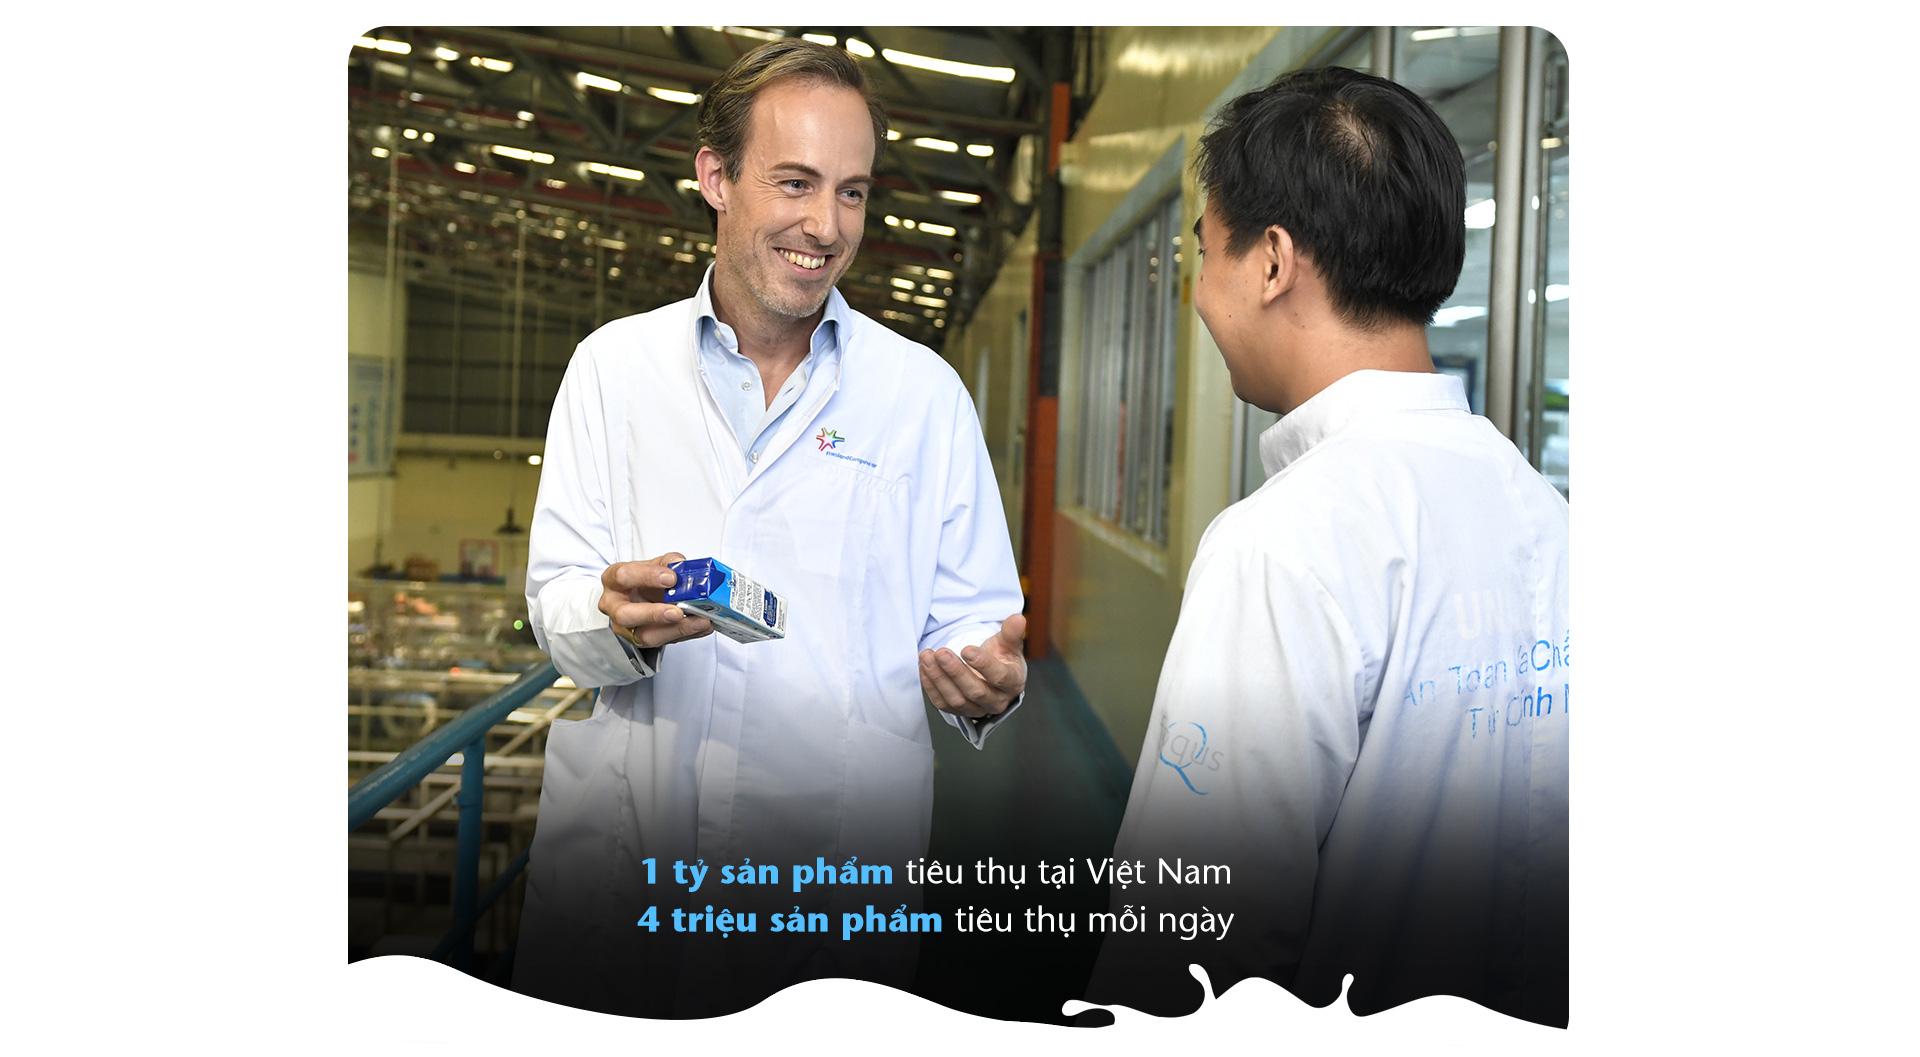 FCV: FrieslandCampina VN - từ học bổng Đèn Đom Đóm đến hành trình vì một VN vươn cao, vượt trội - Ảnh 2.